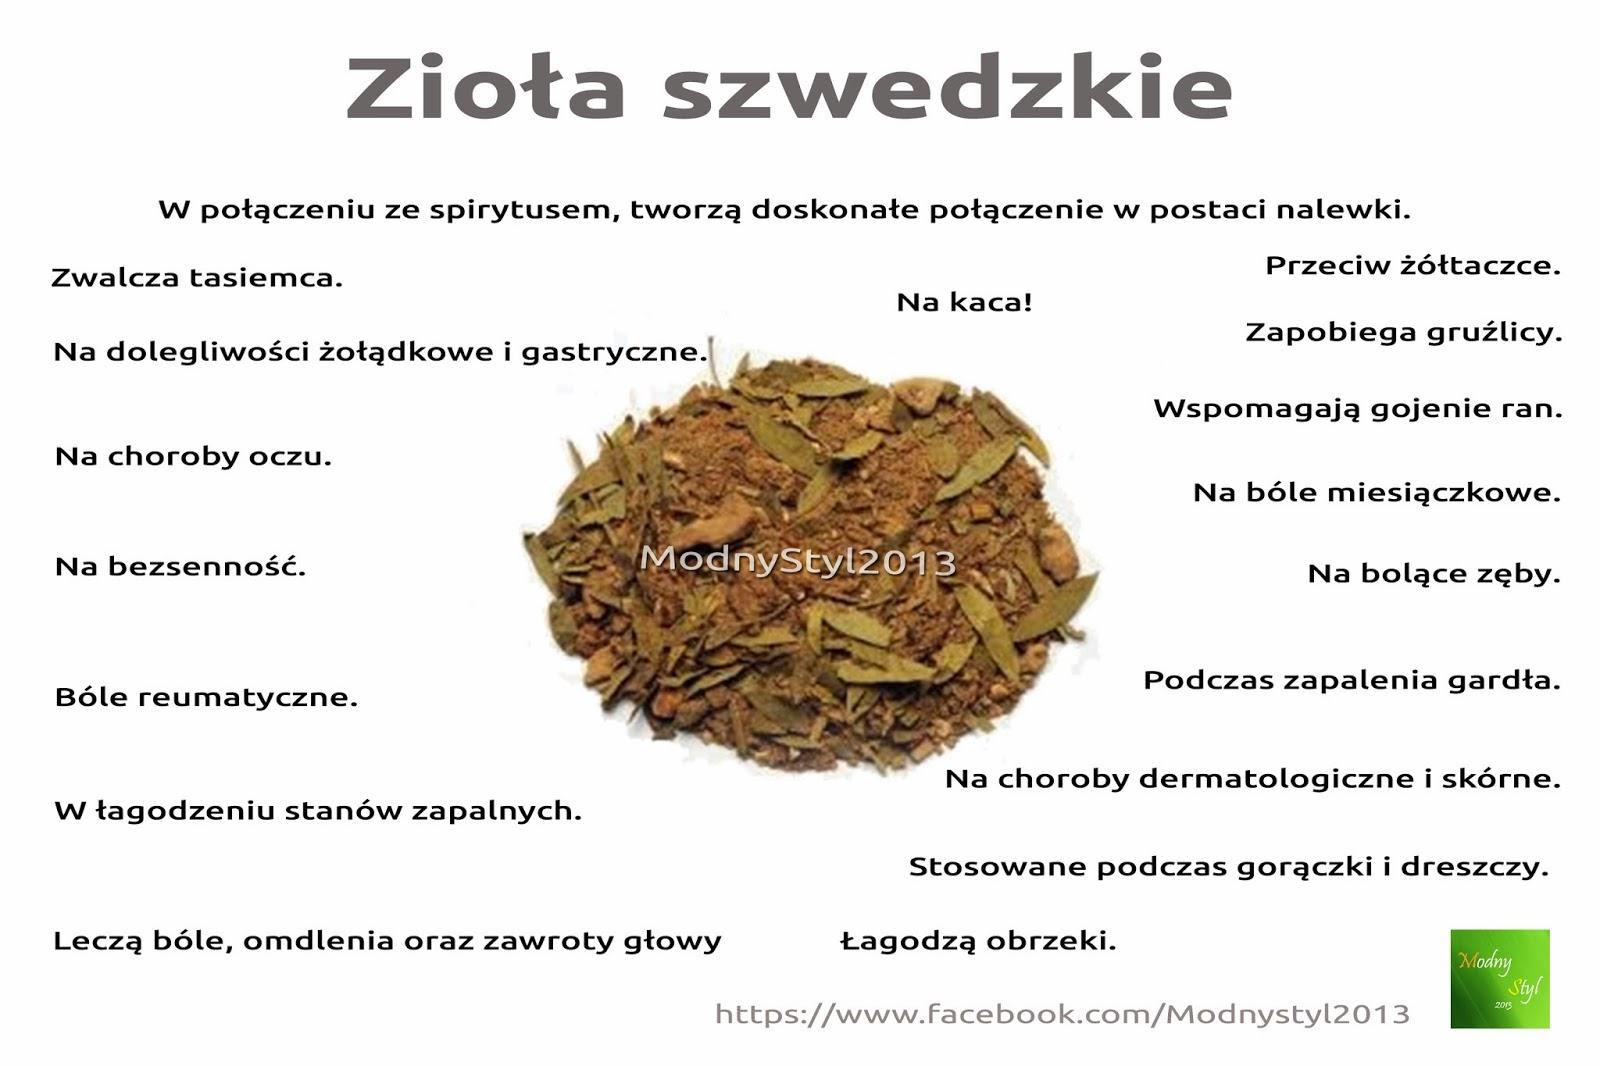 Cudowne zioła szwedzkie